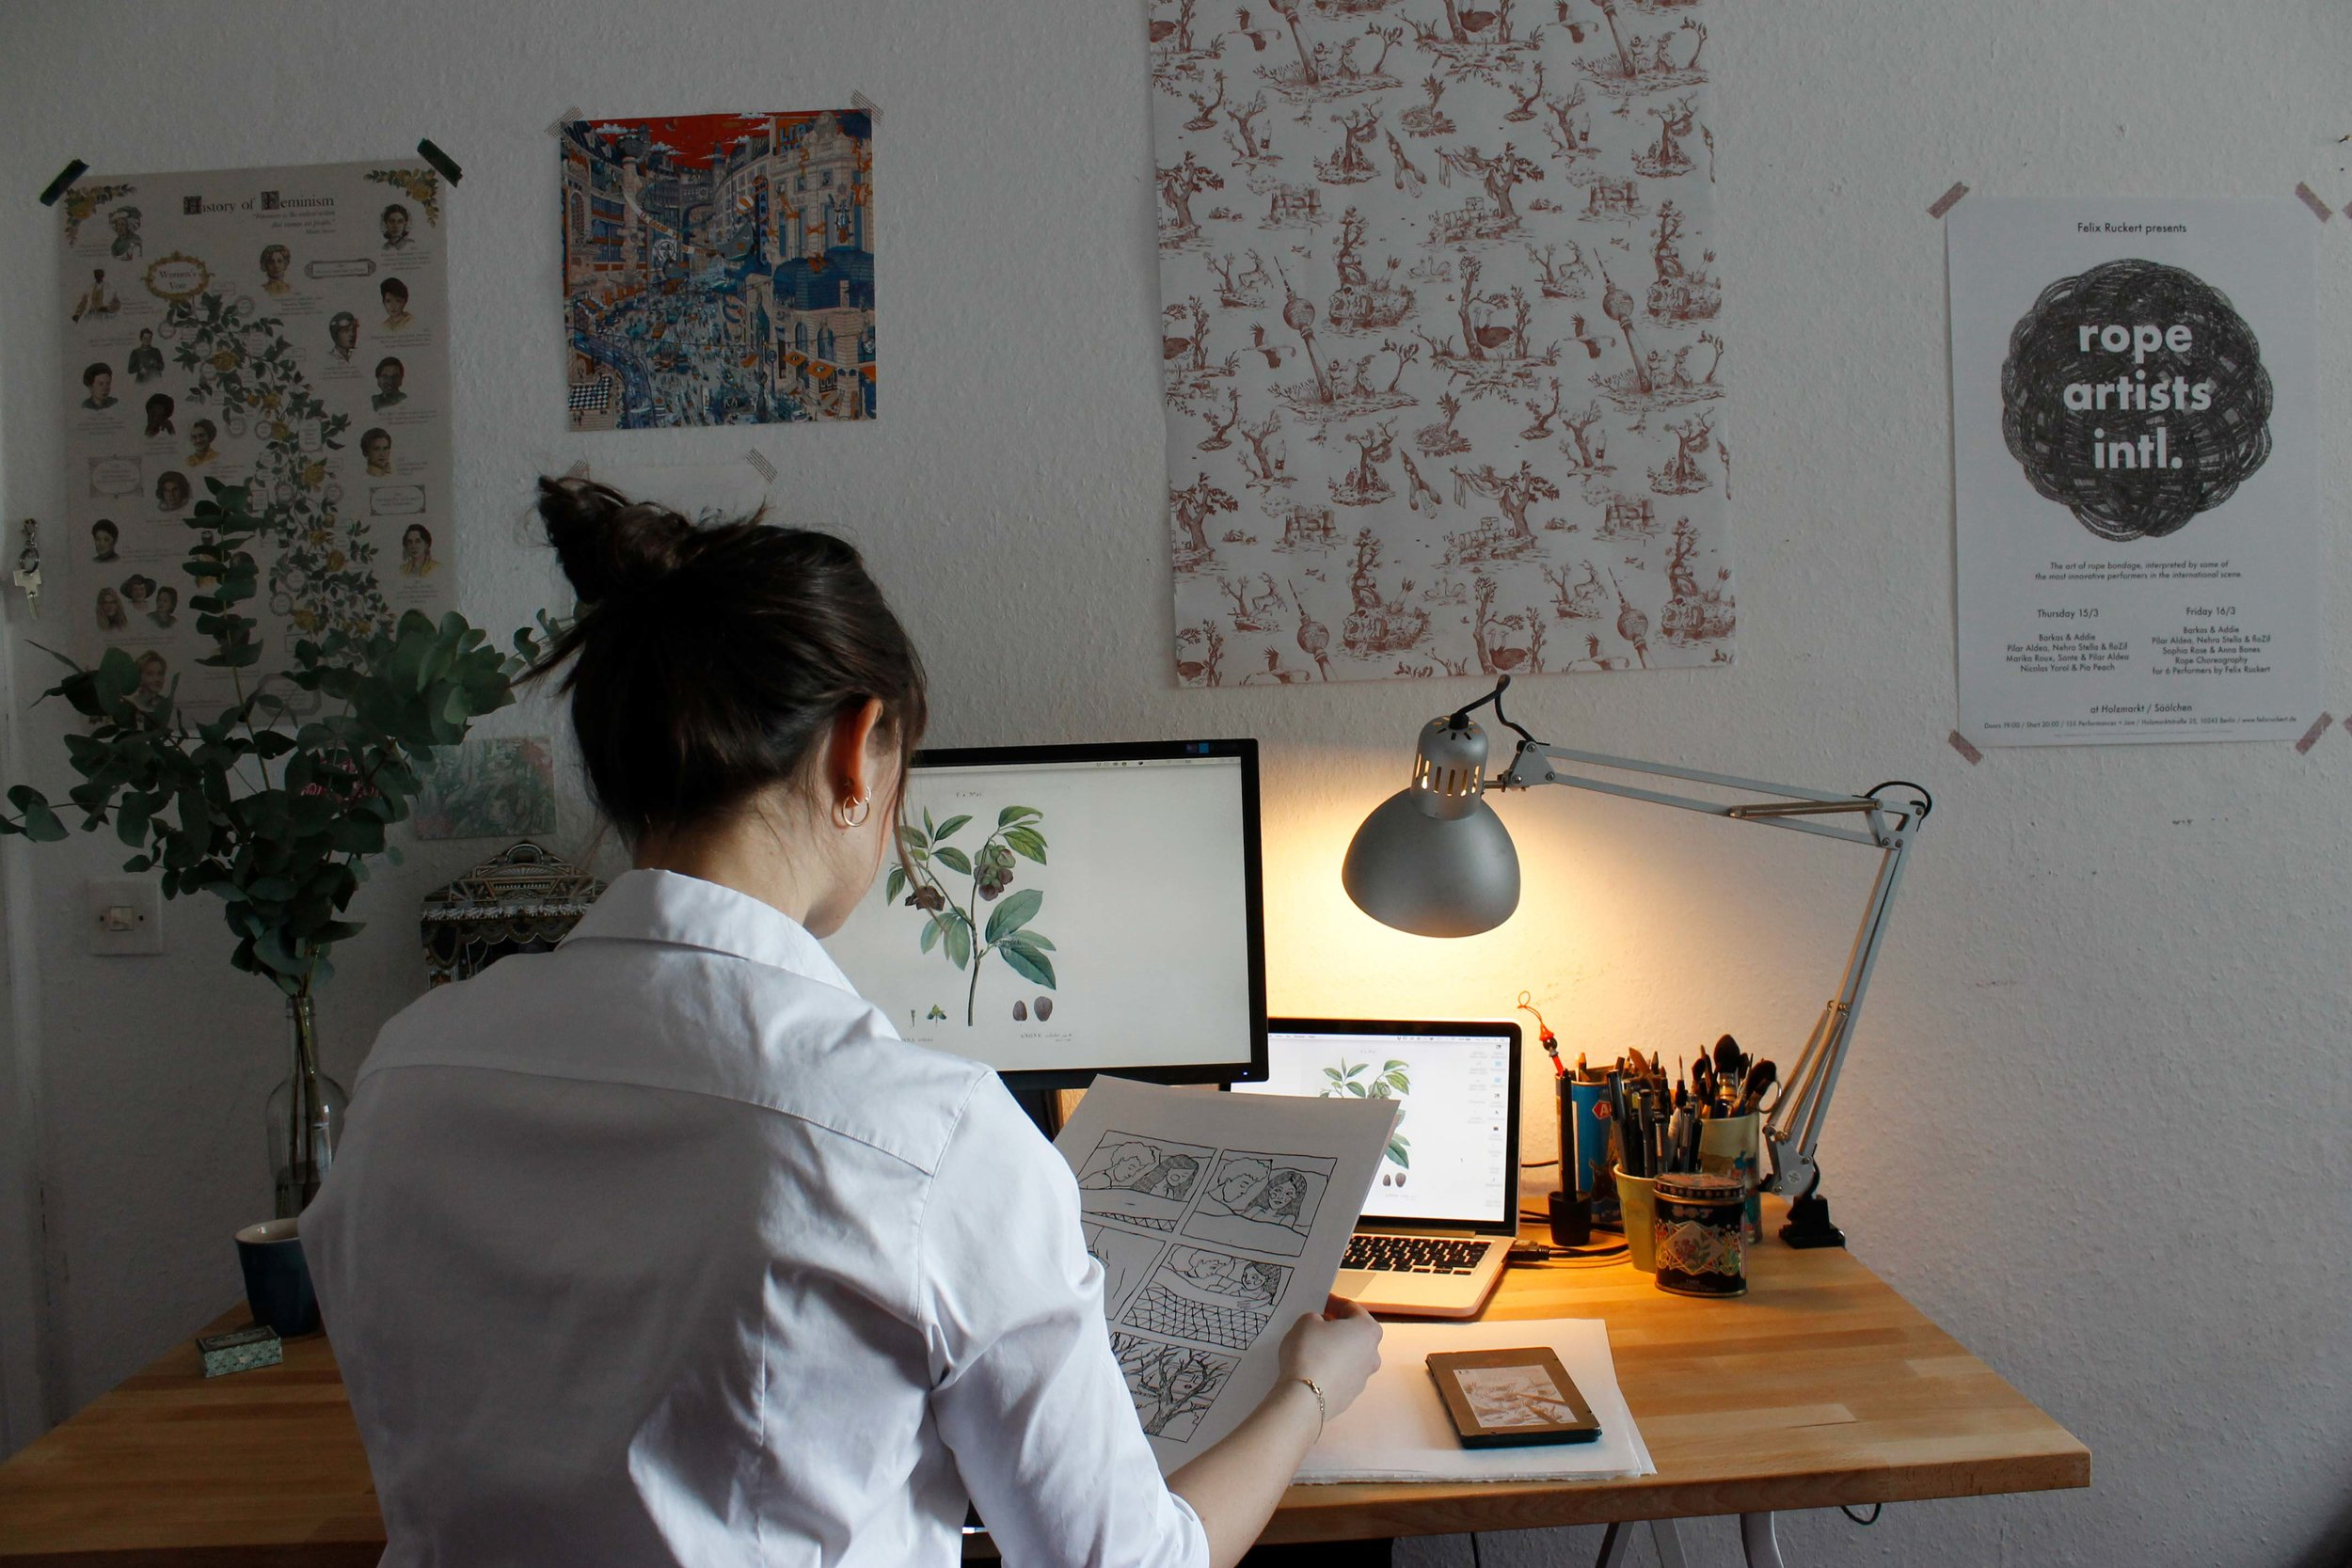 marie-de-beaucourt-blog-becoming-illustrator5.jpg